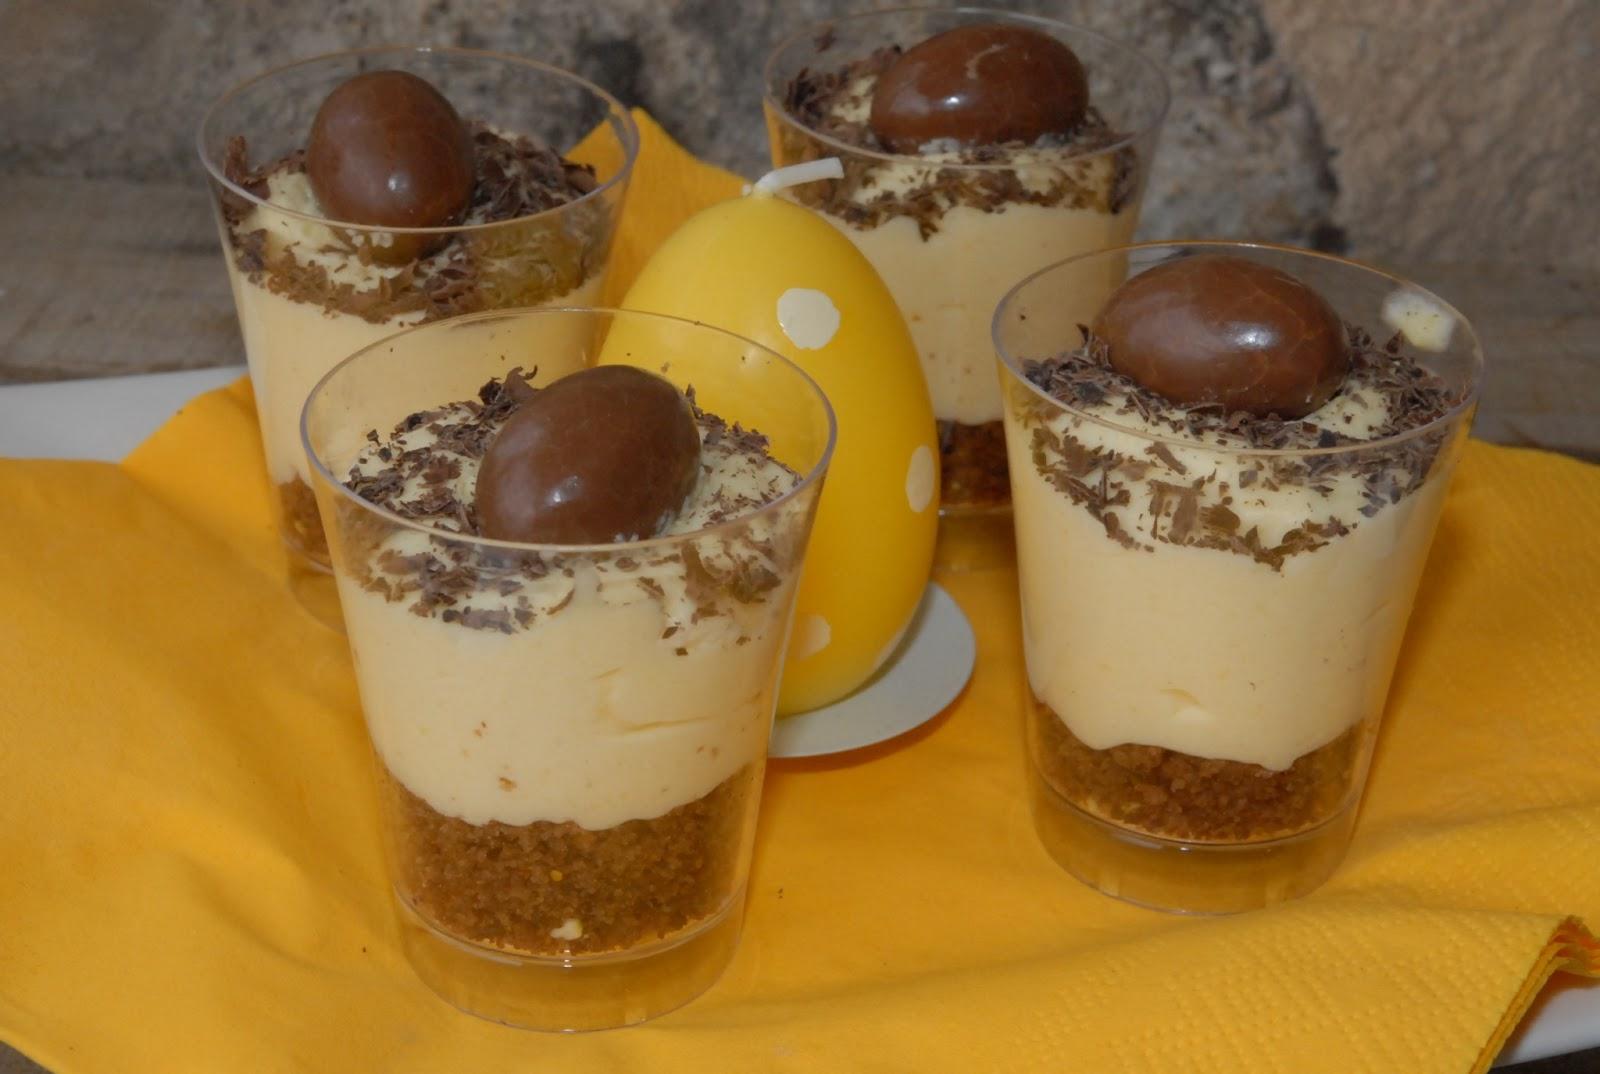 enkle desserter i glass